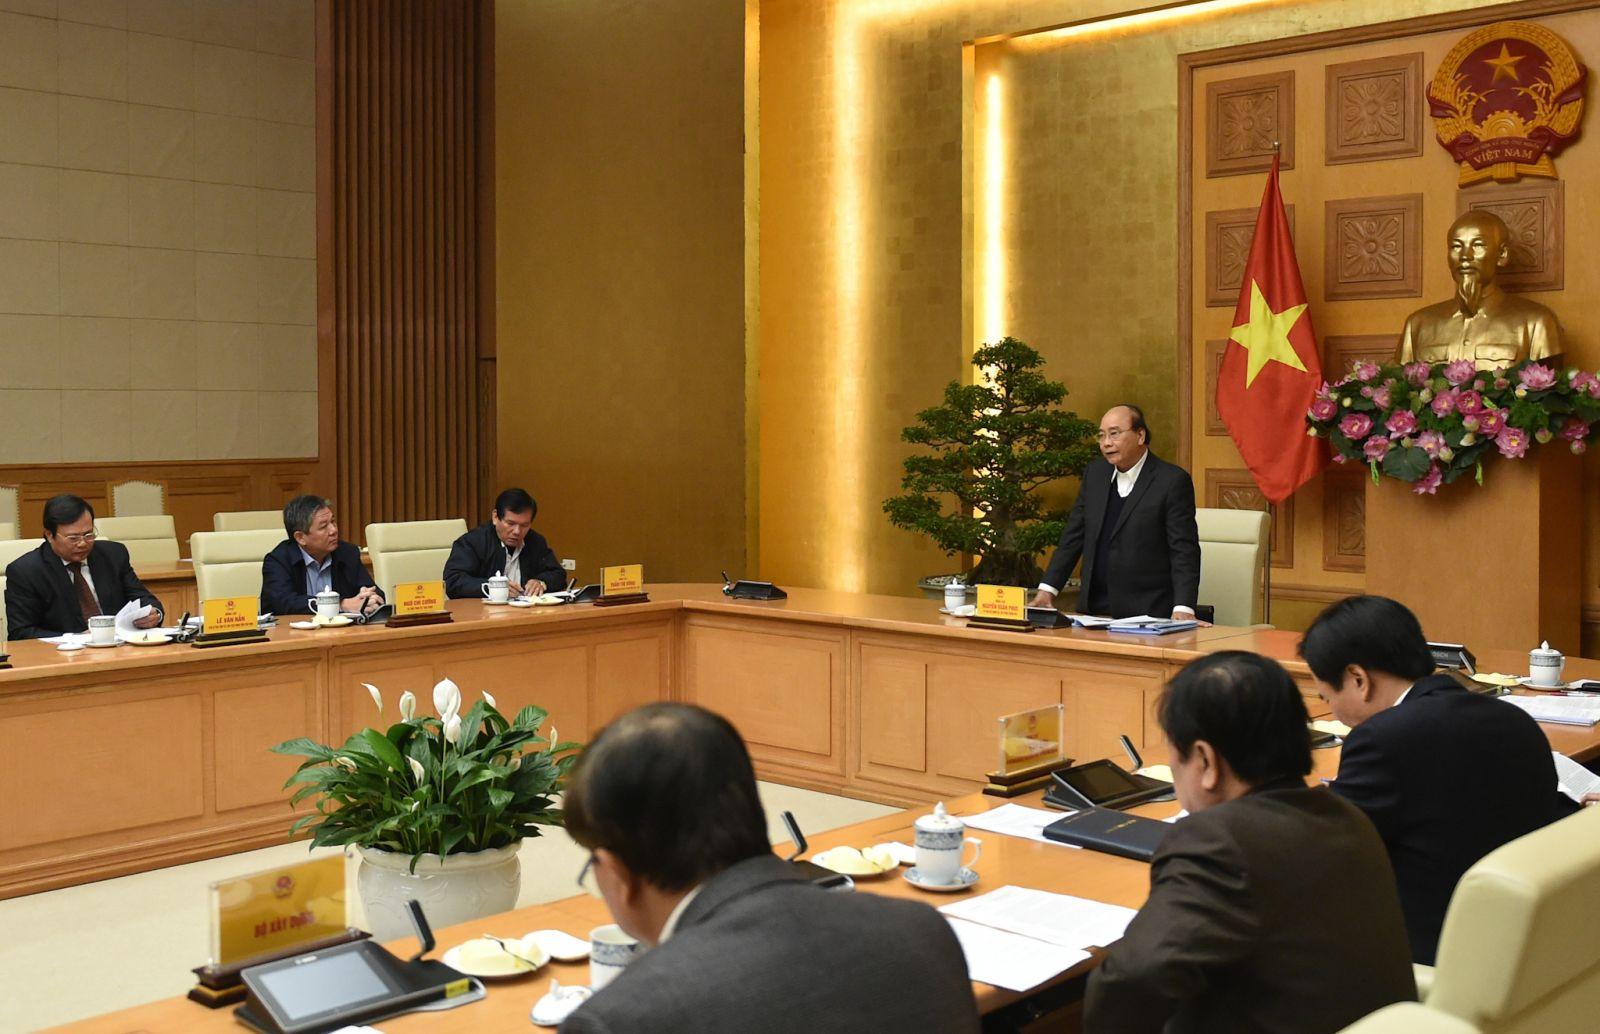 Thủ tướng làm việc với lãnh đạo tỉnh Trà Vinh ngày 18-12-2020. Ảnh: VGP/Quang Hiếu